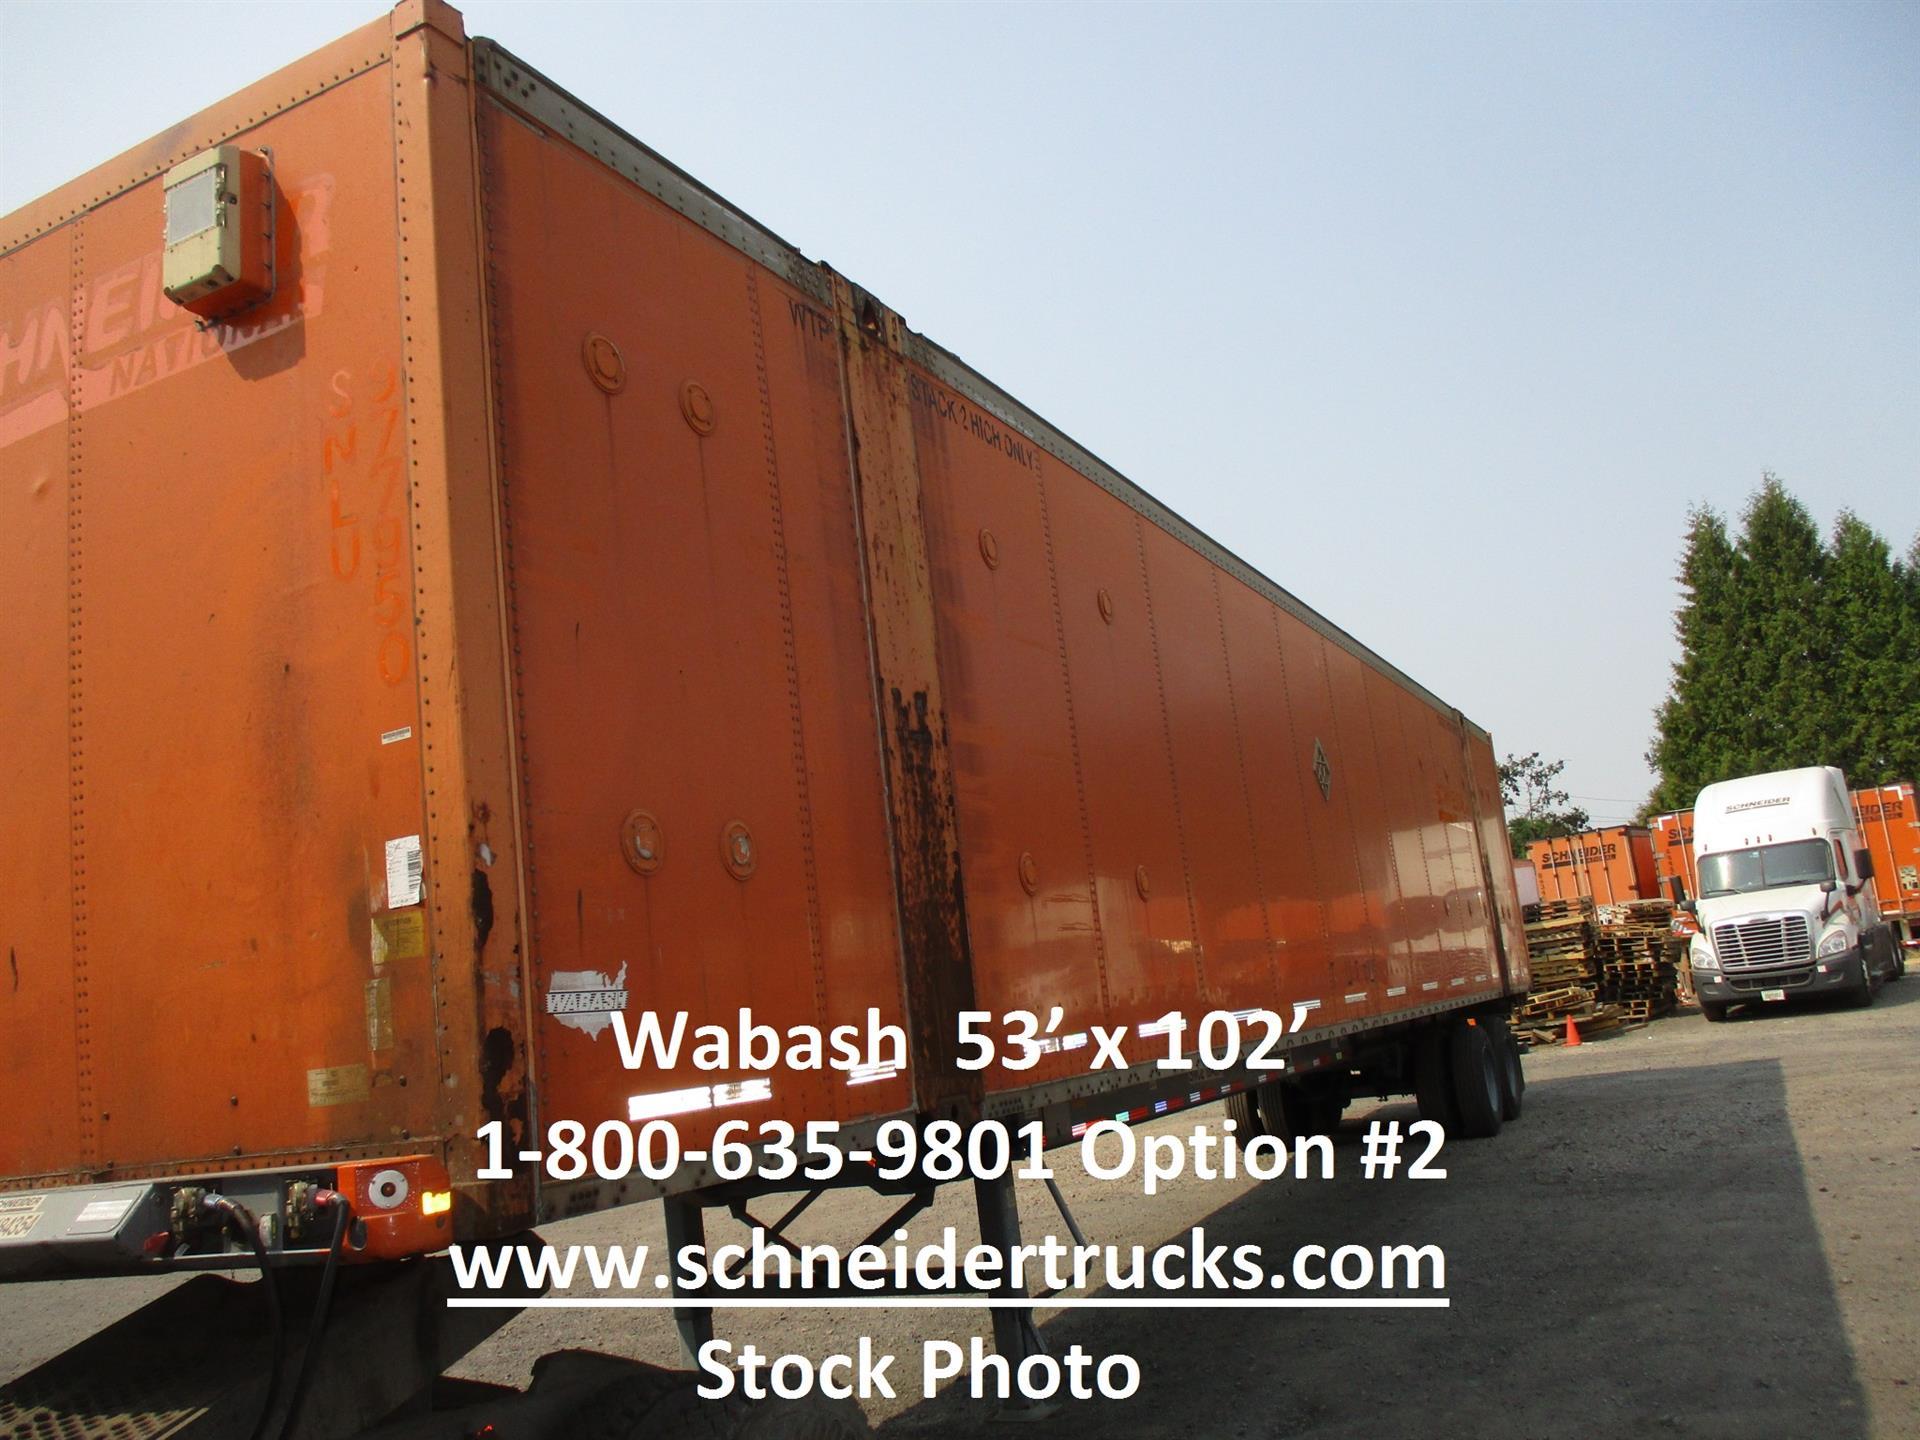 2005 Wabash container